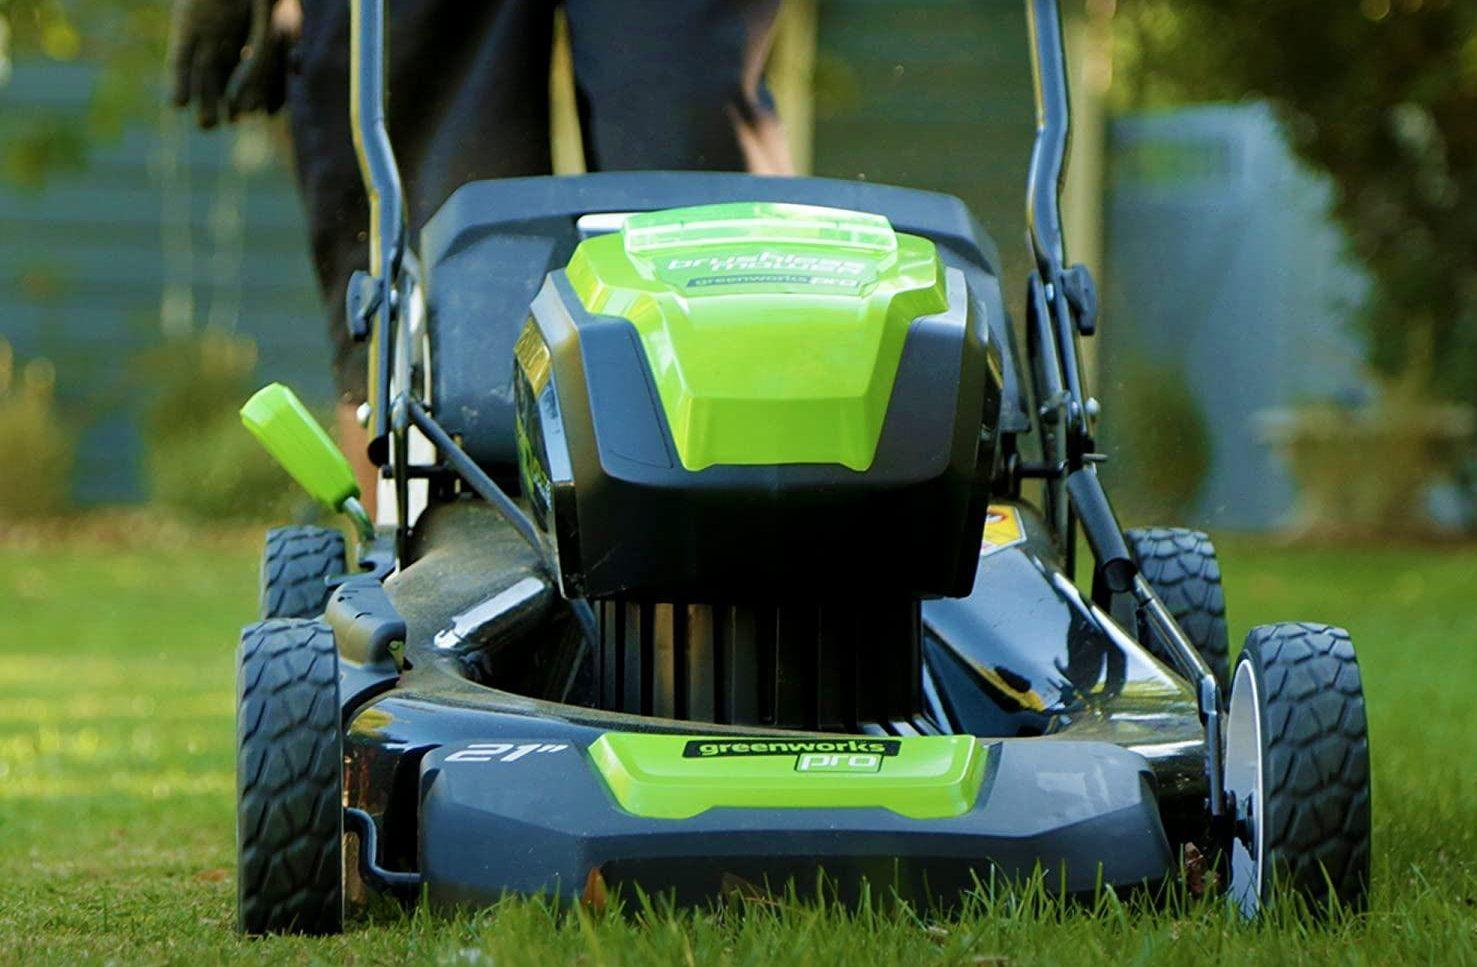 Greenworks Digital Brushless Motor